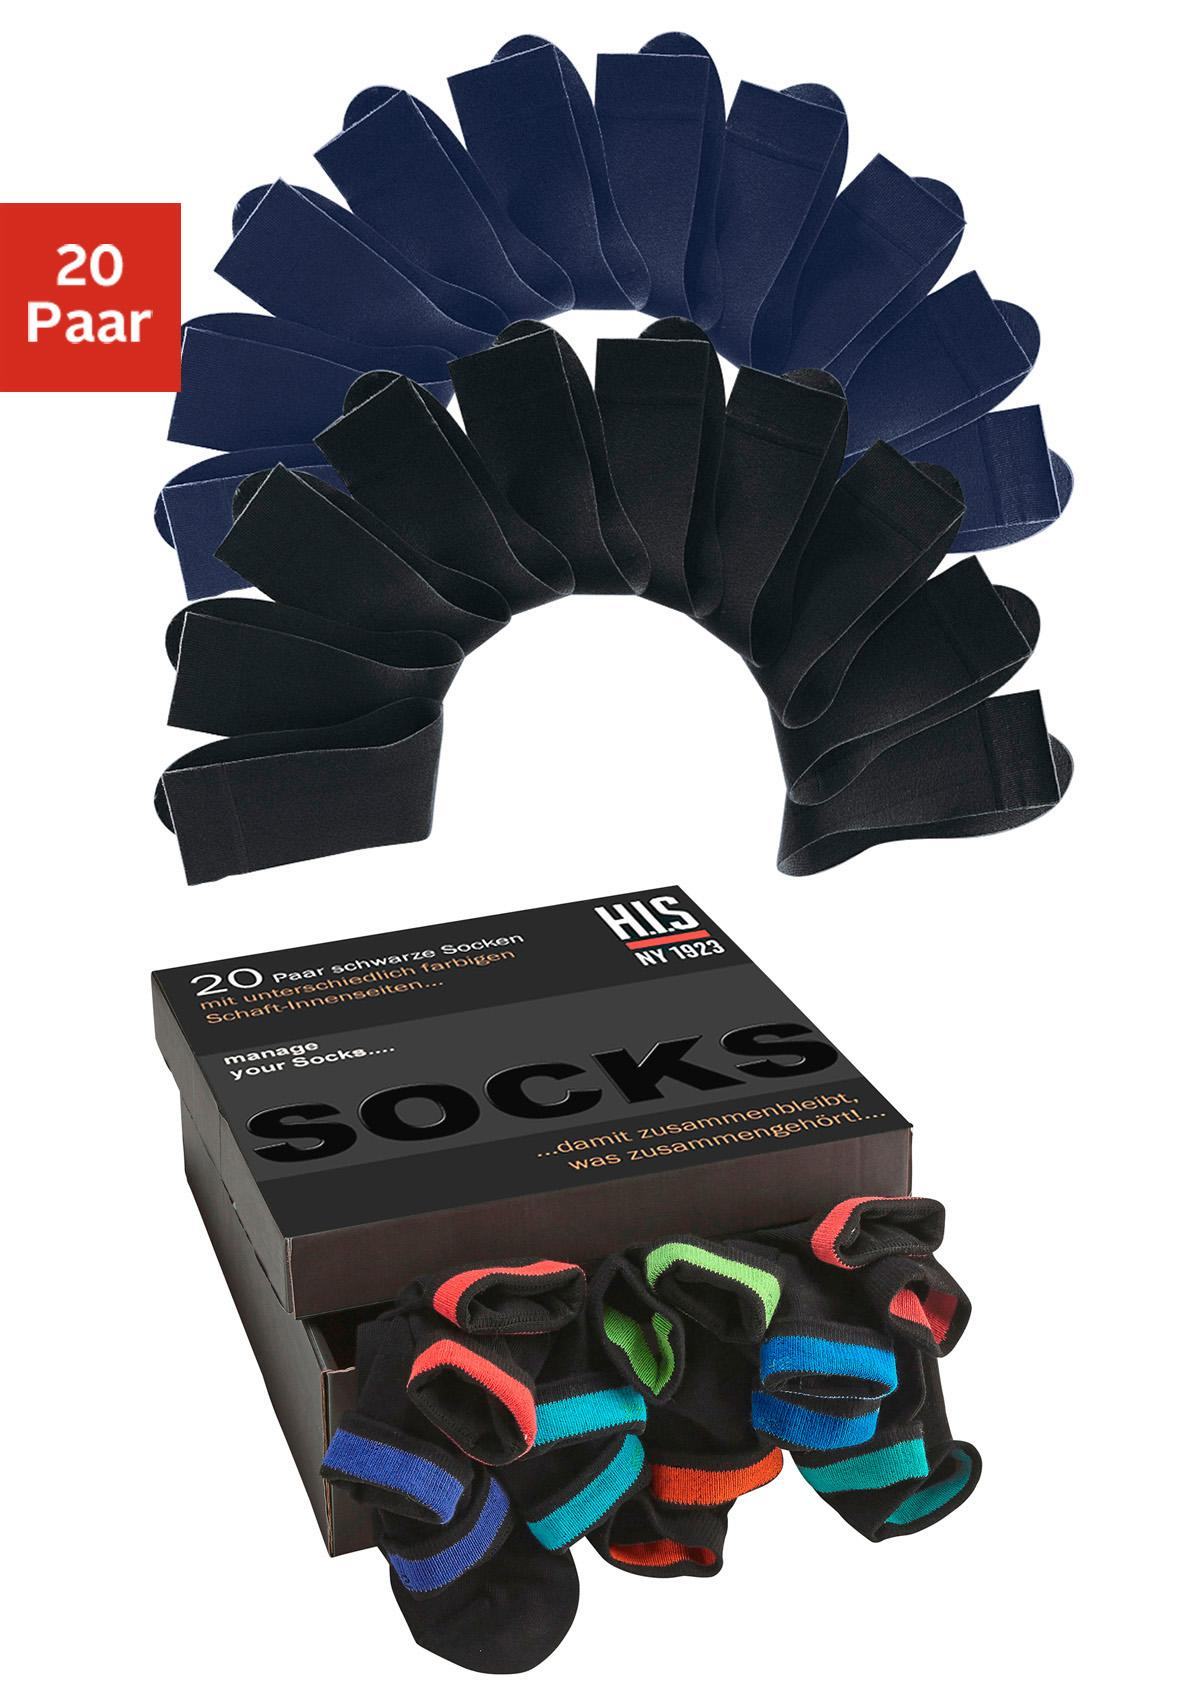 H.I.S Socken (Box, 20 Paar)